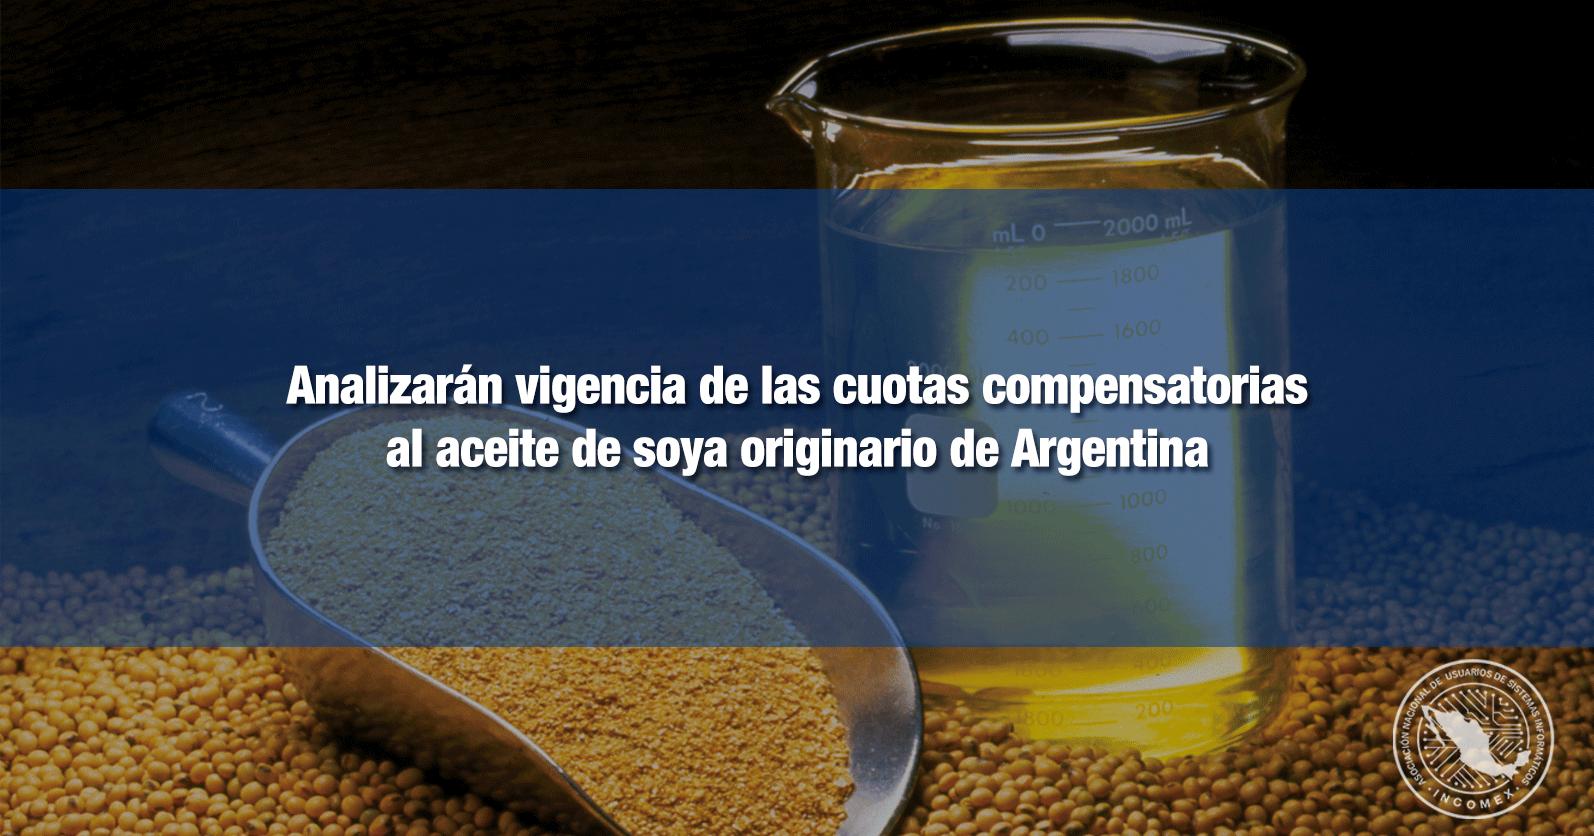 Analizarán vigencia de las cuotas compensatorias al aceite de soya originario de Argentina